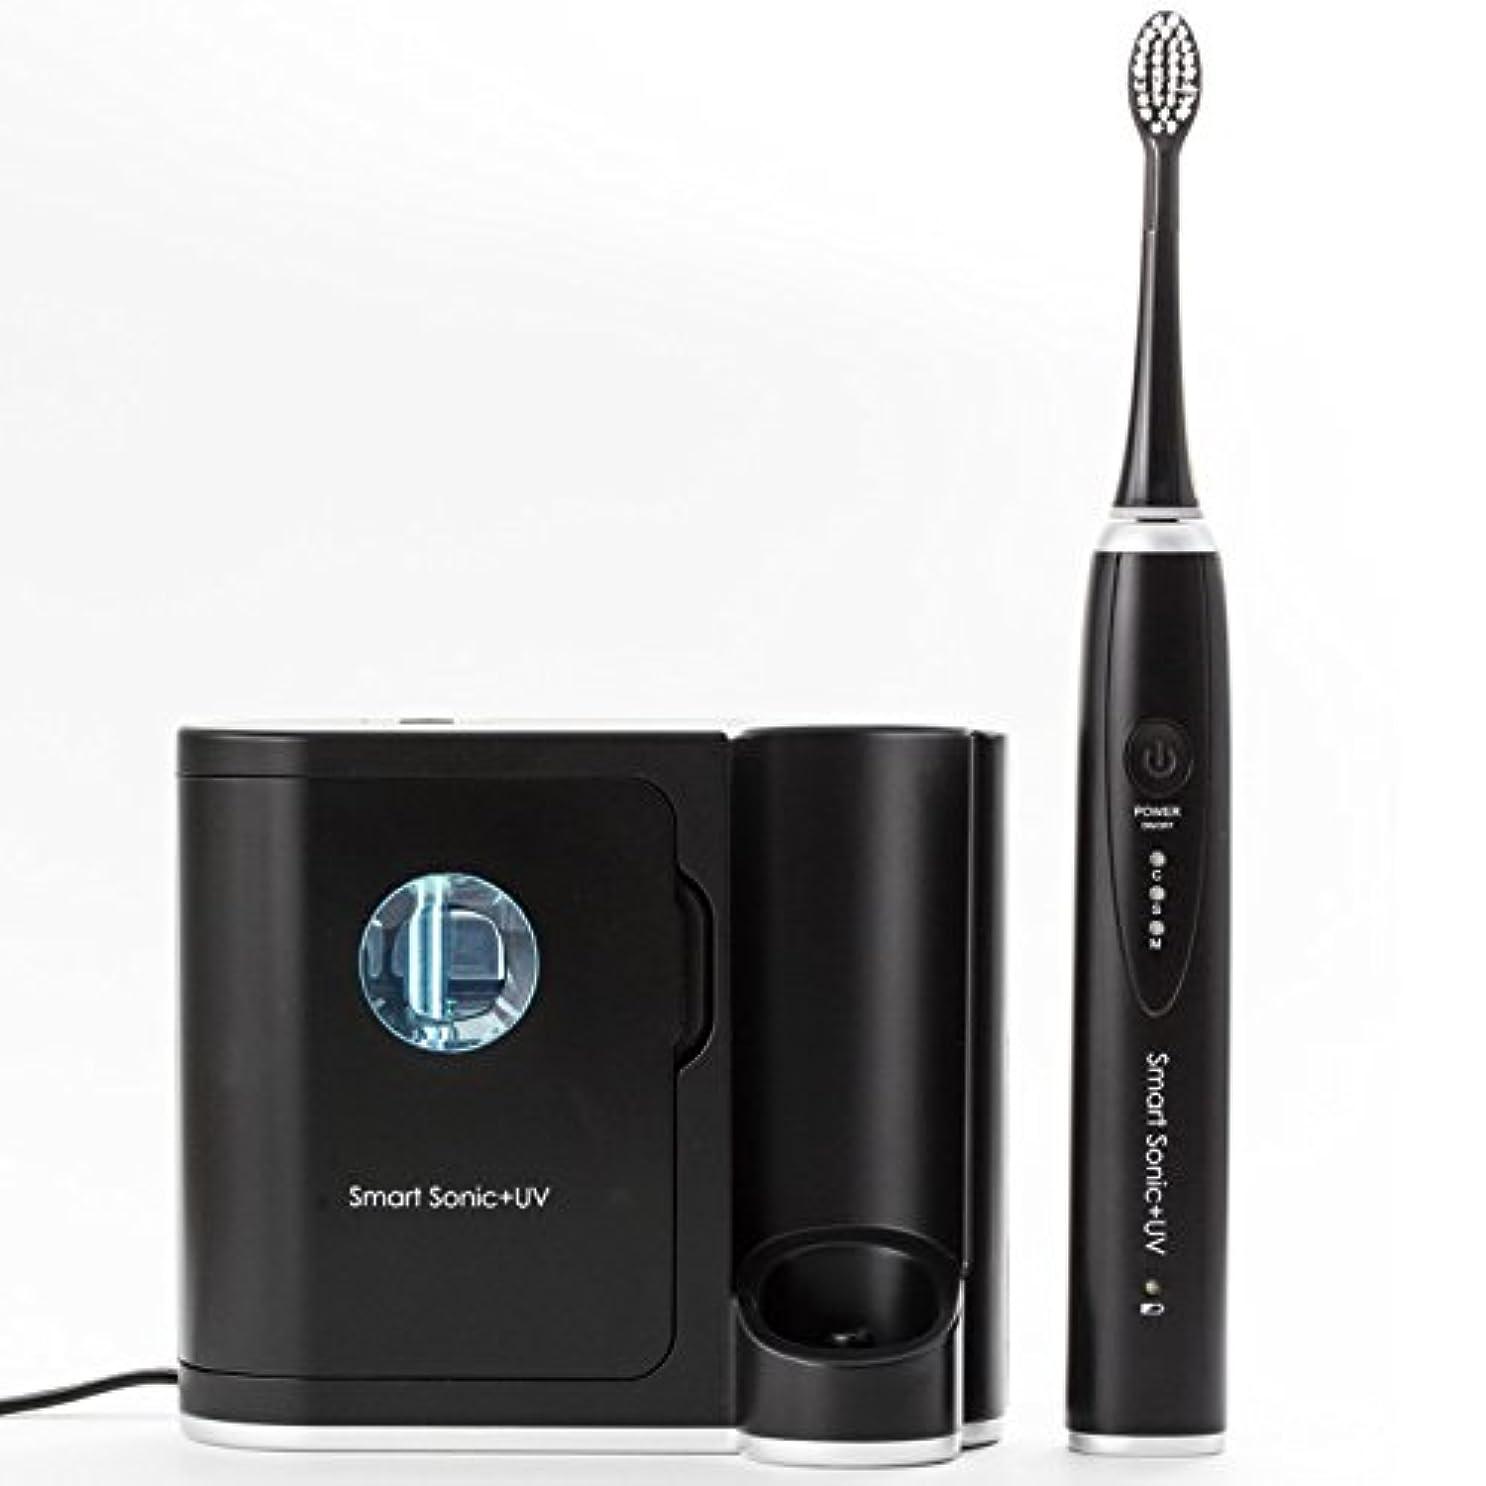 フィードバック迷信脱獄音波歯ブラシ UV 紫外線除菌 歯ブラシ 殺菌機能付き 電動歯ブラシ スマートソニック プラス UV Smart Sonic UV